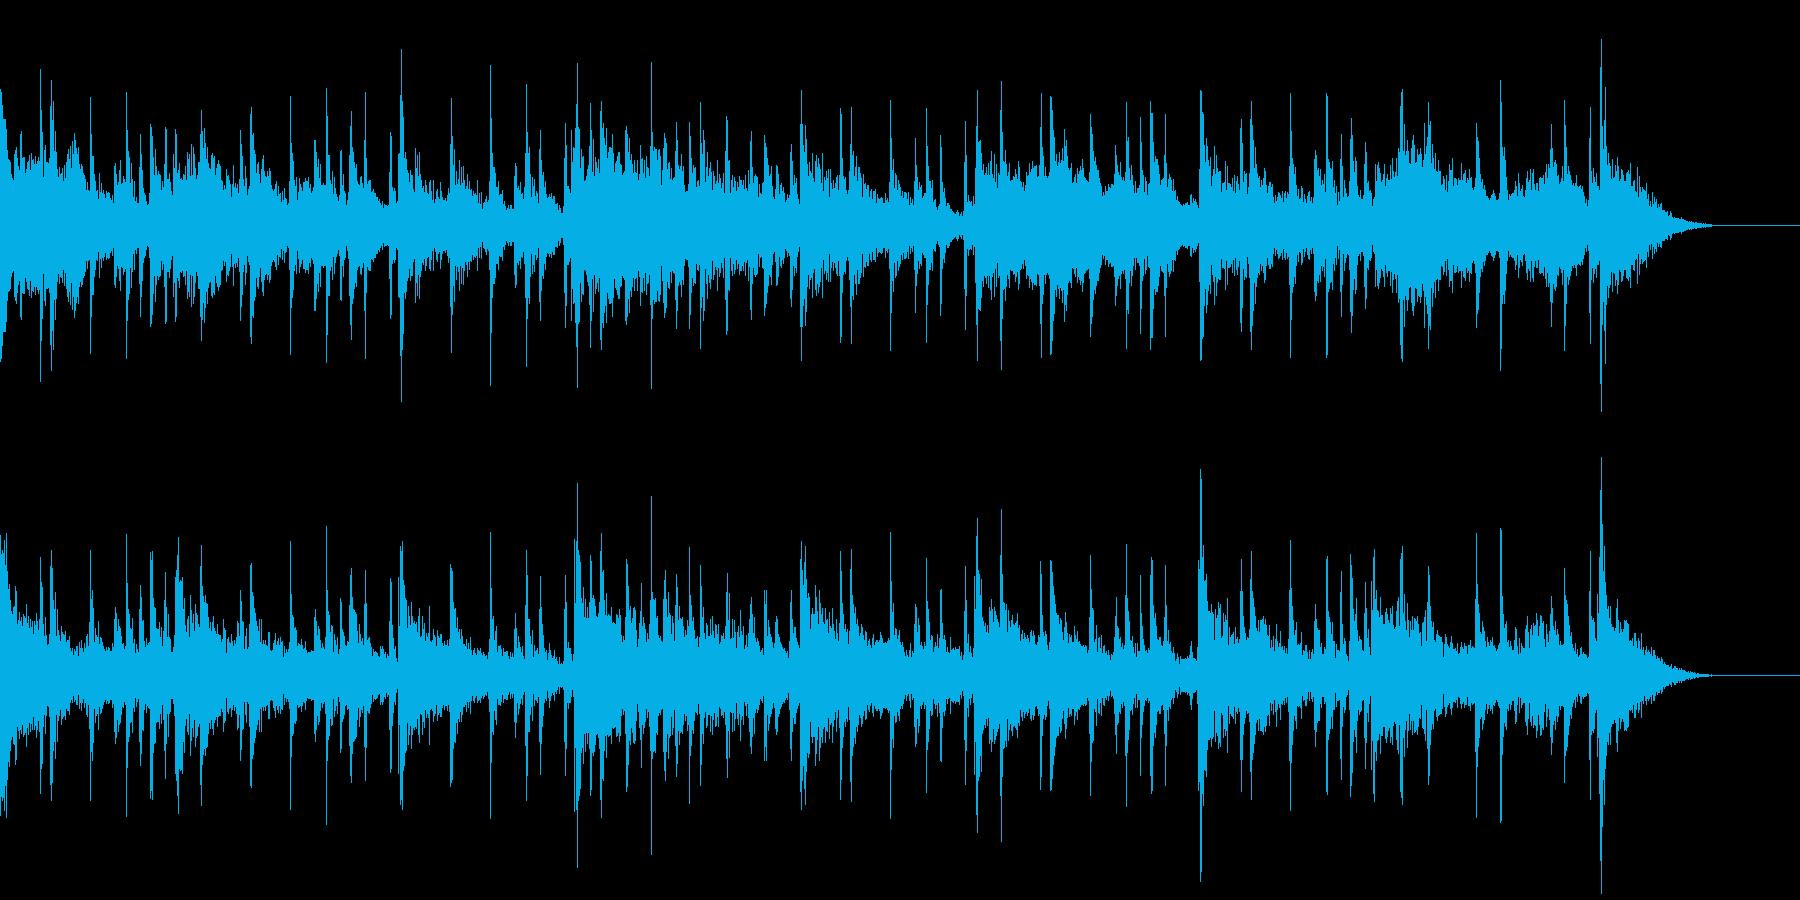 リングモジュレータ使用の不思議なジングルの再生済みの波形